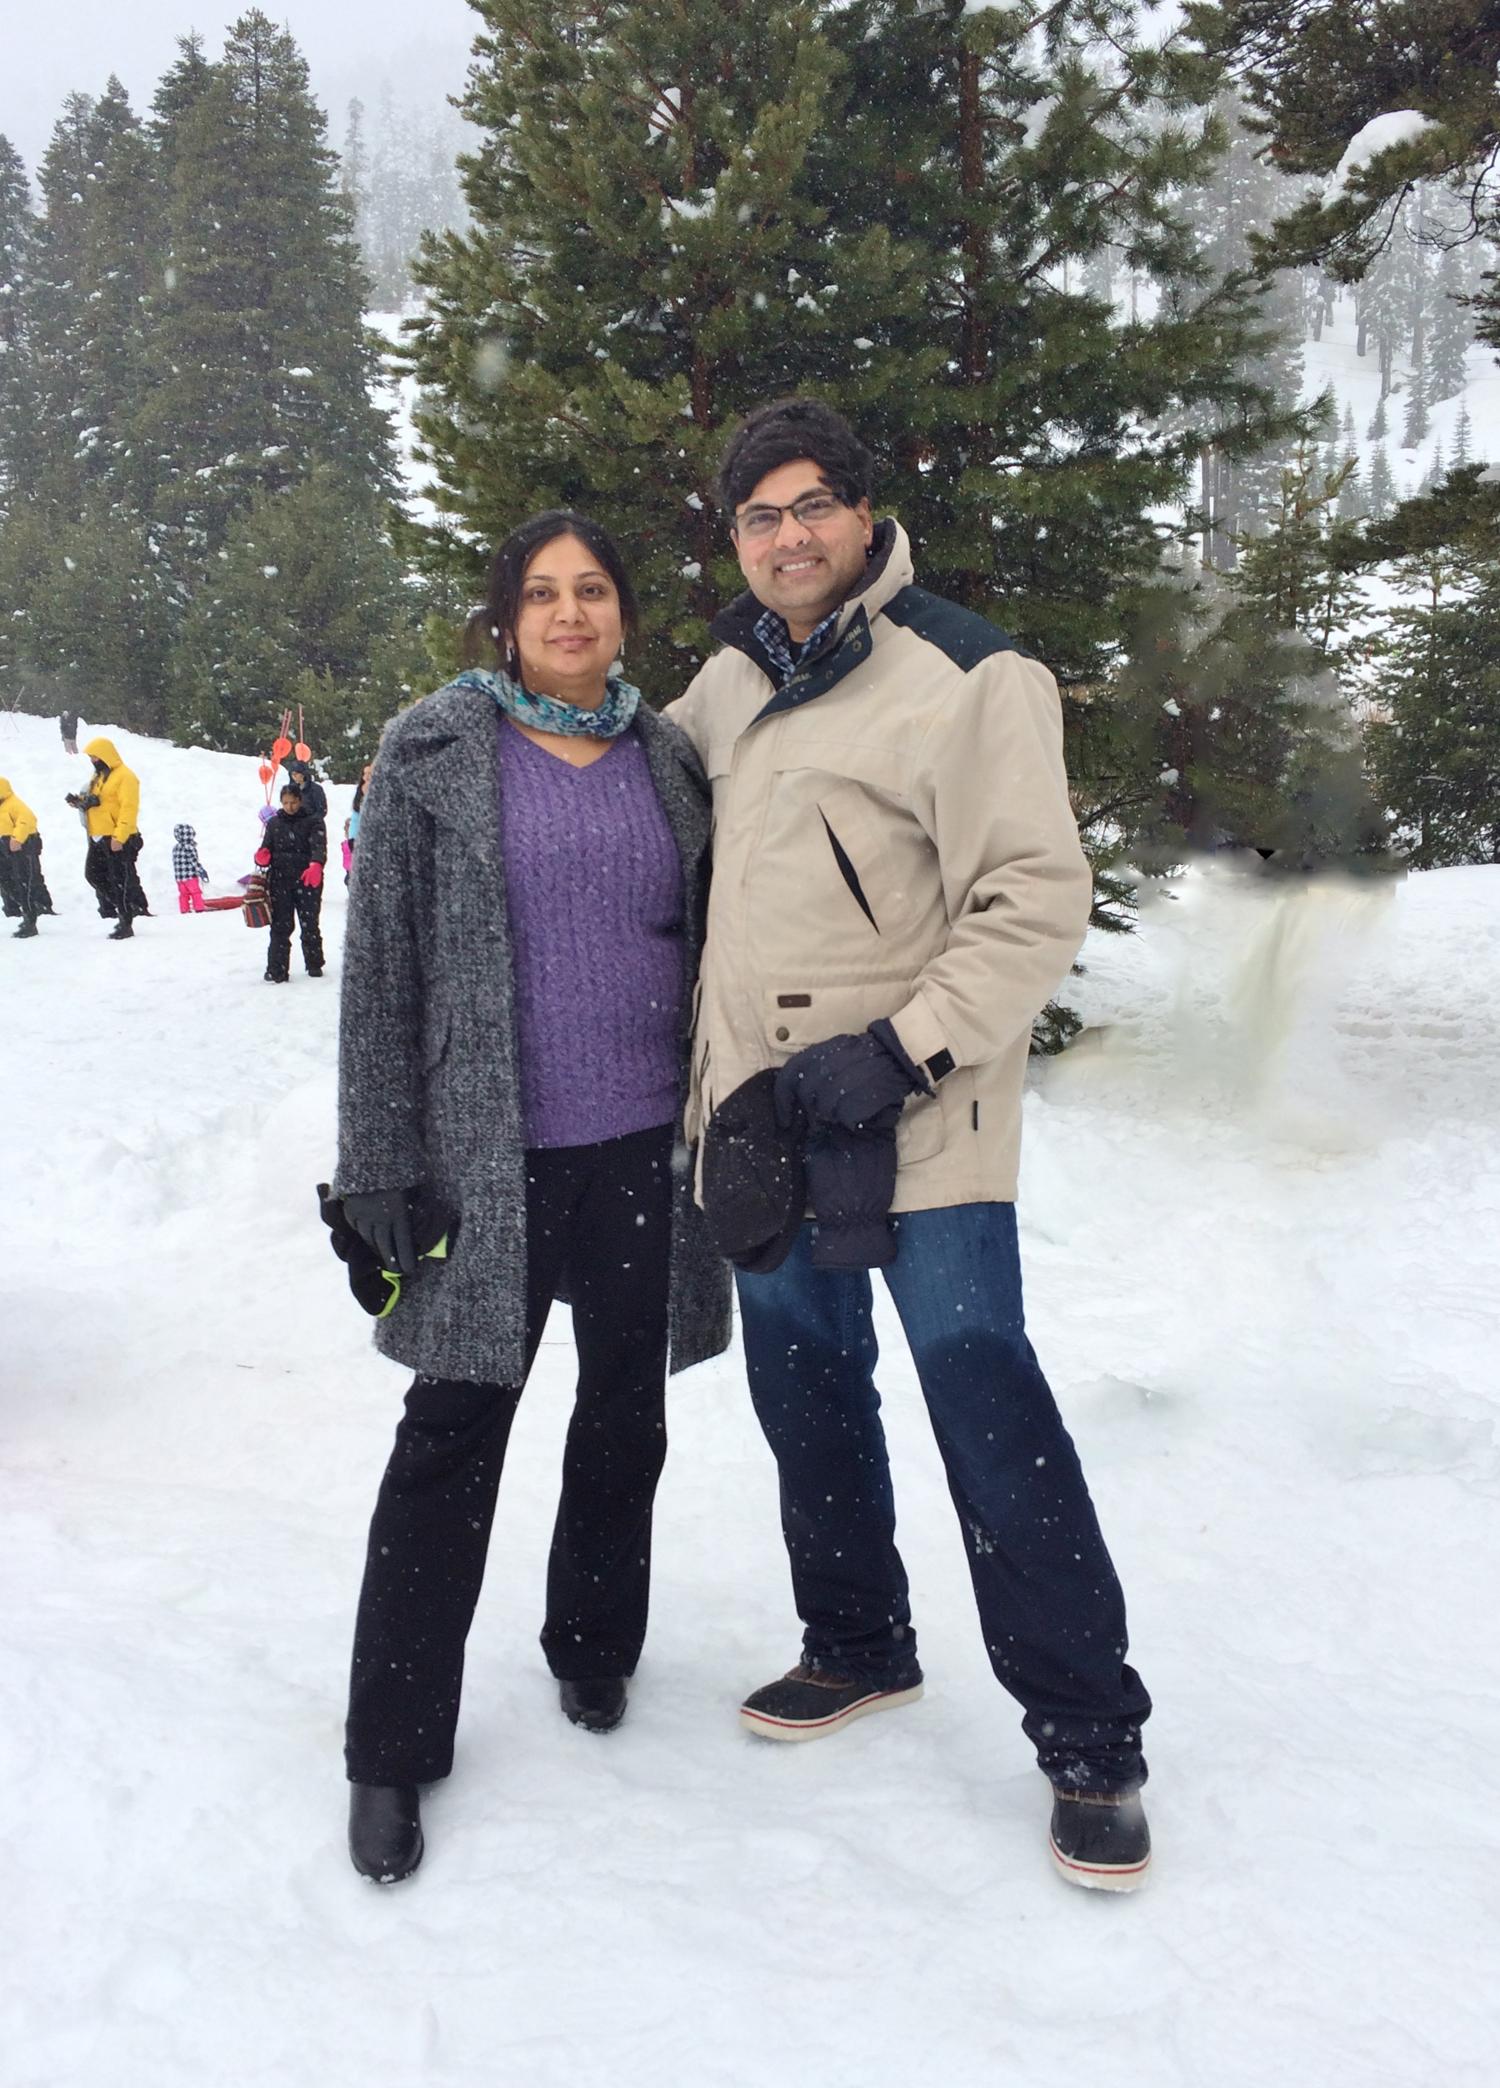 Lake Tahoe Vacation Dec 2015 035-1.jpg